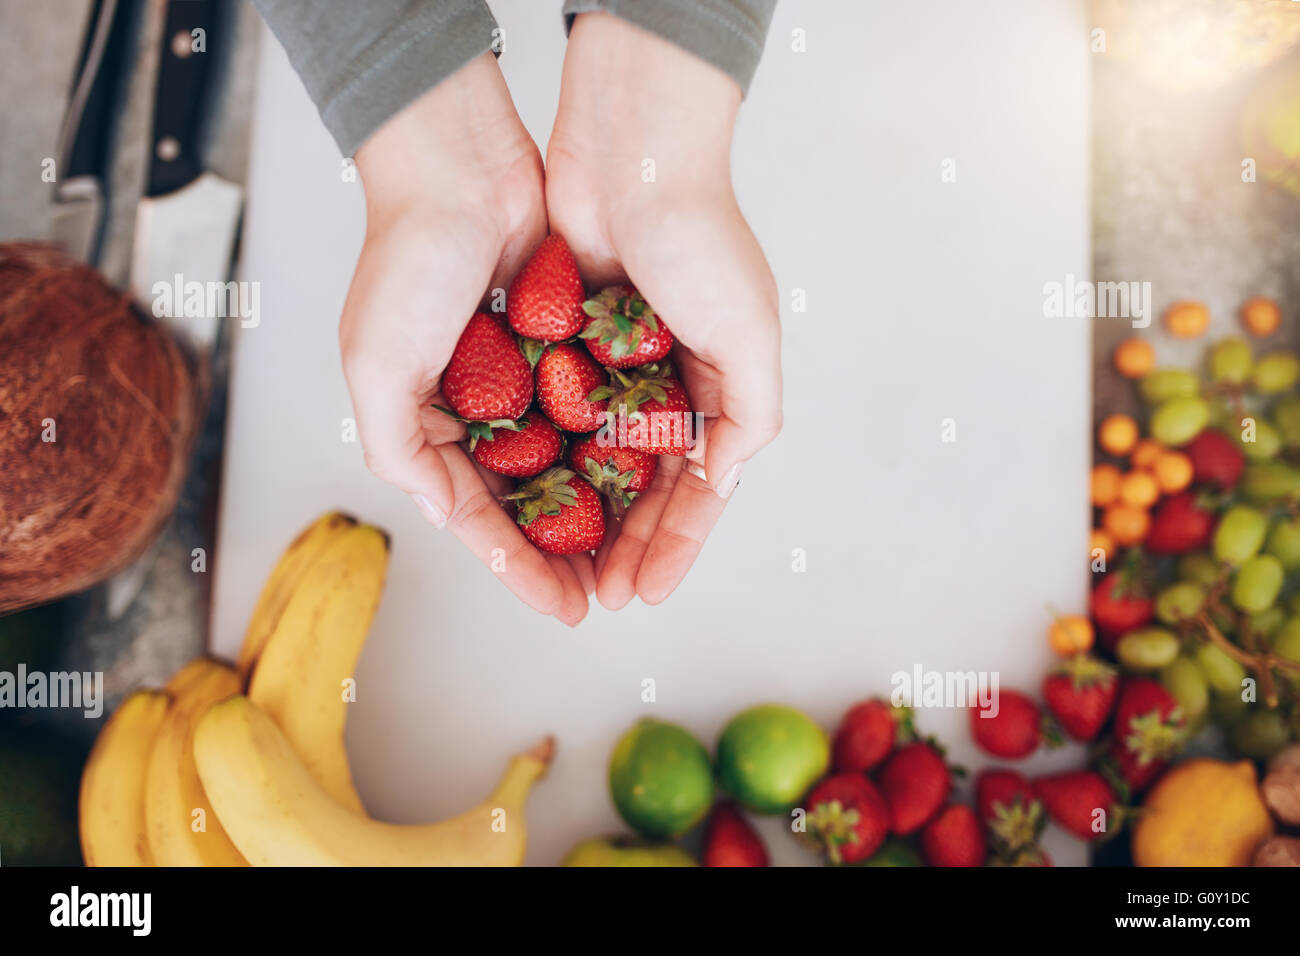 Draufsicht Nahaufnahme Schuss von einer Frauenhand mit frischen Erdbeeren über shopping Board mit Früchten. Stockbild